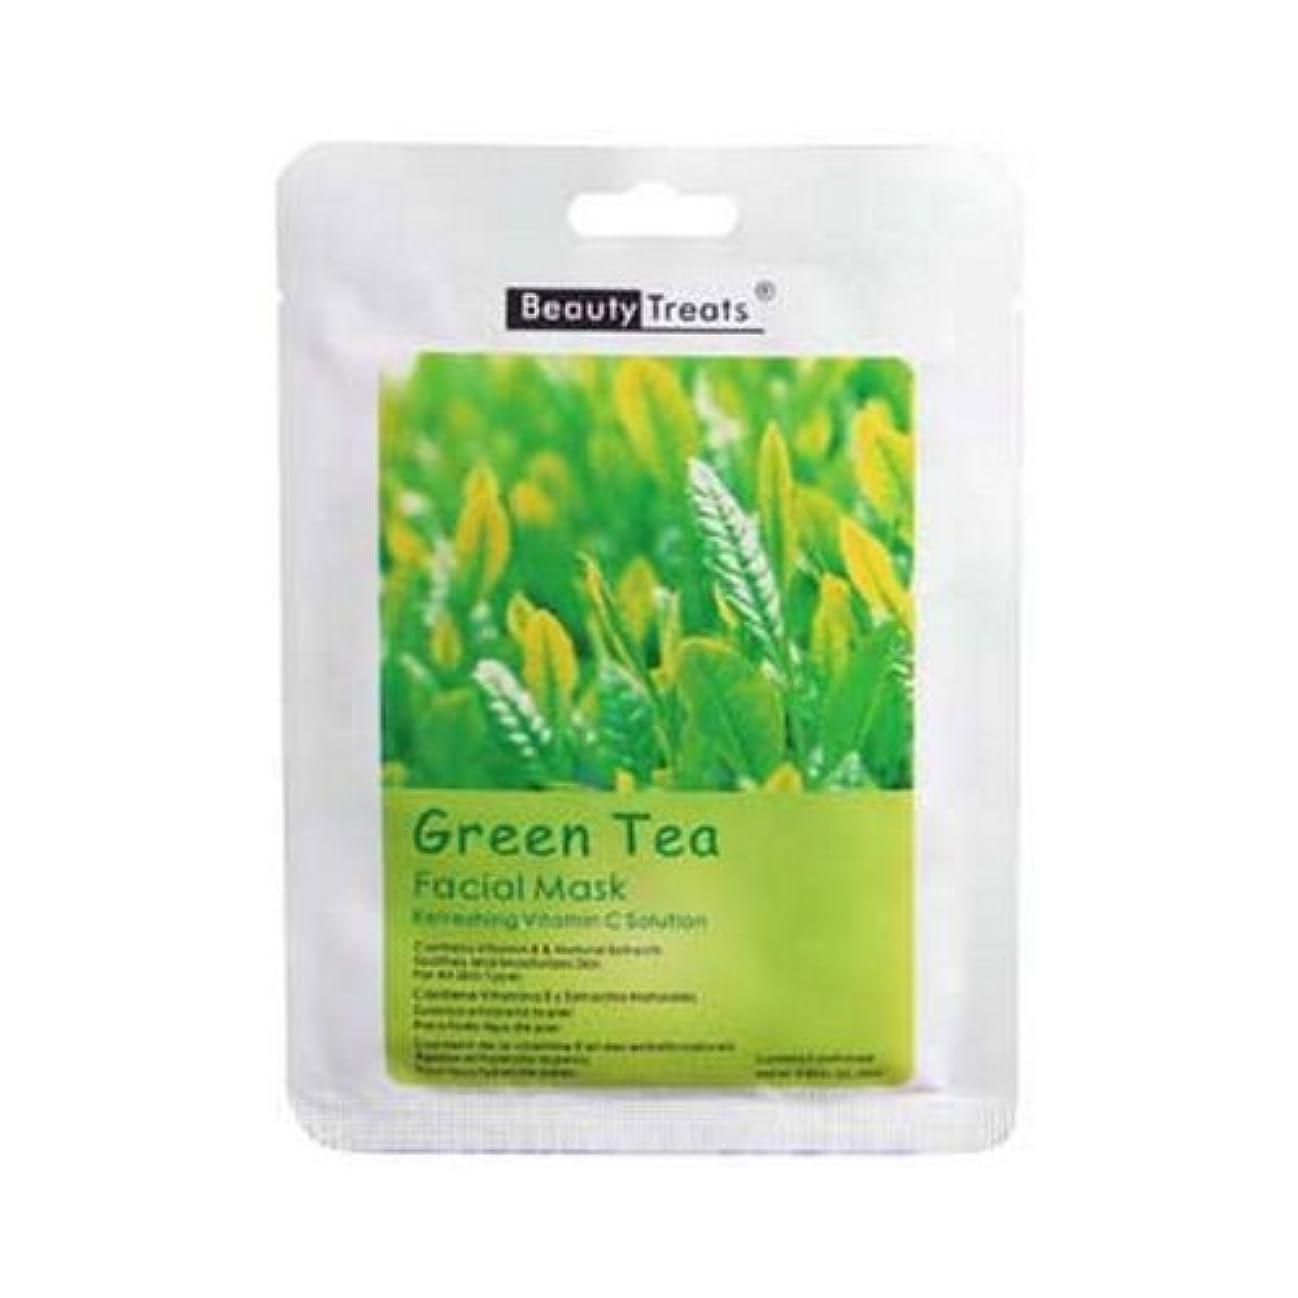 顧問雑草大理石(3 Pack) BEAUTY TREATS Facial Mask Refreshing Vitamin C Solution - Green Tea (並行輸入品)